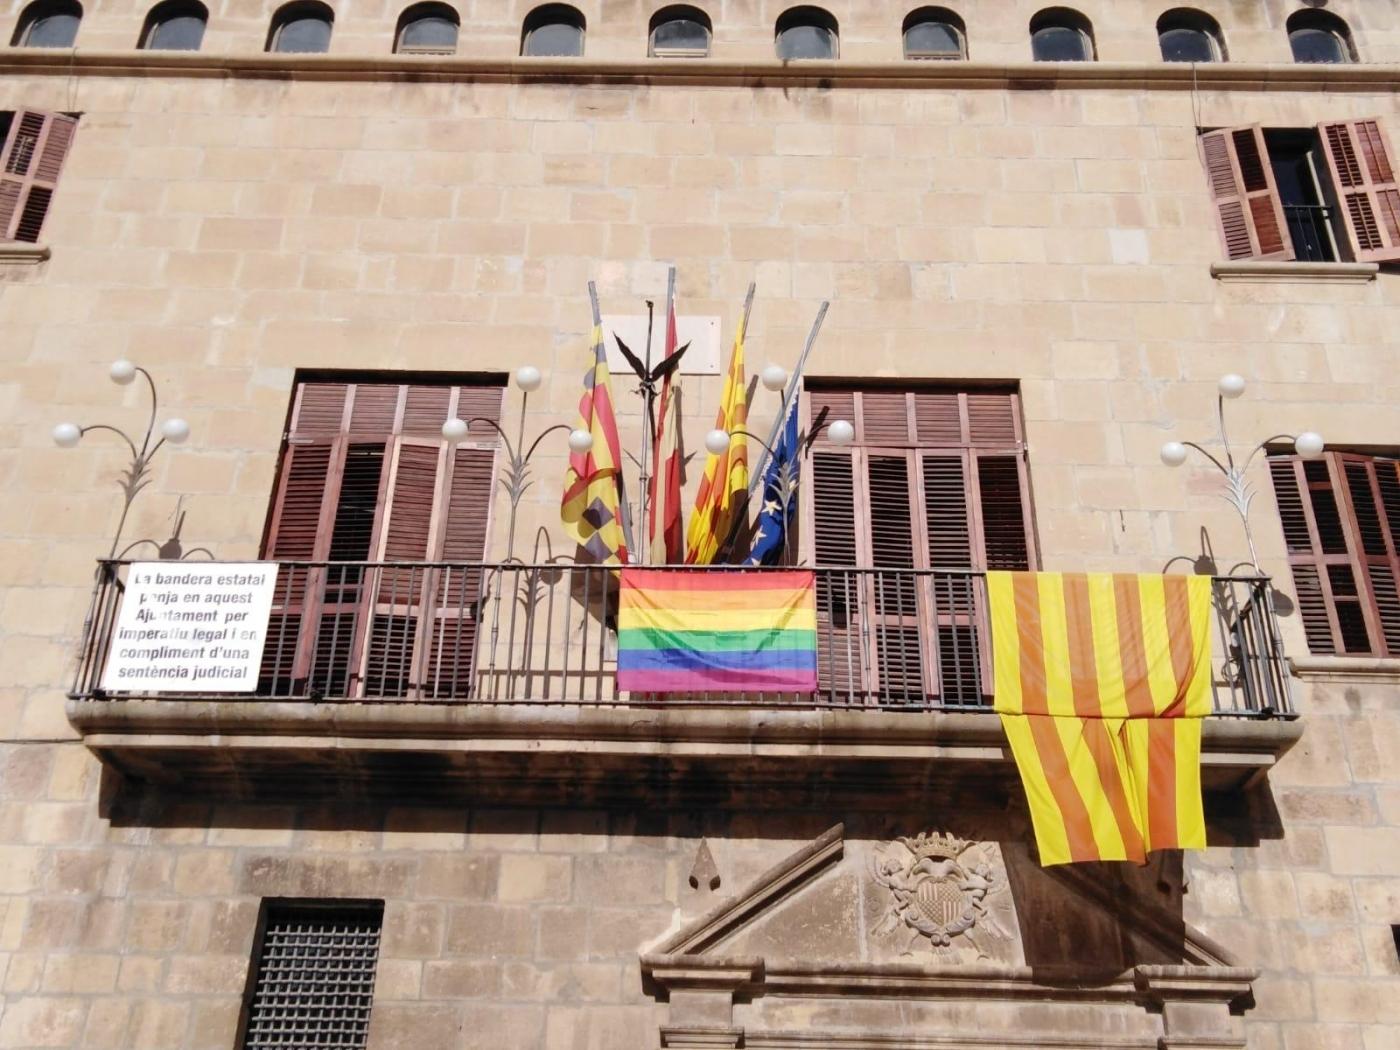 Tàrrega referma el seu compromís pel respecte als drets de les persones LGTBI+ i la tolerància zero a la discriminació